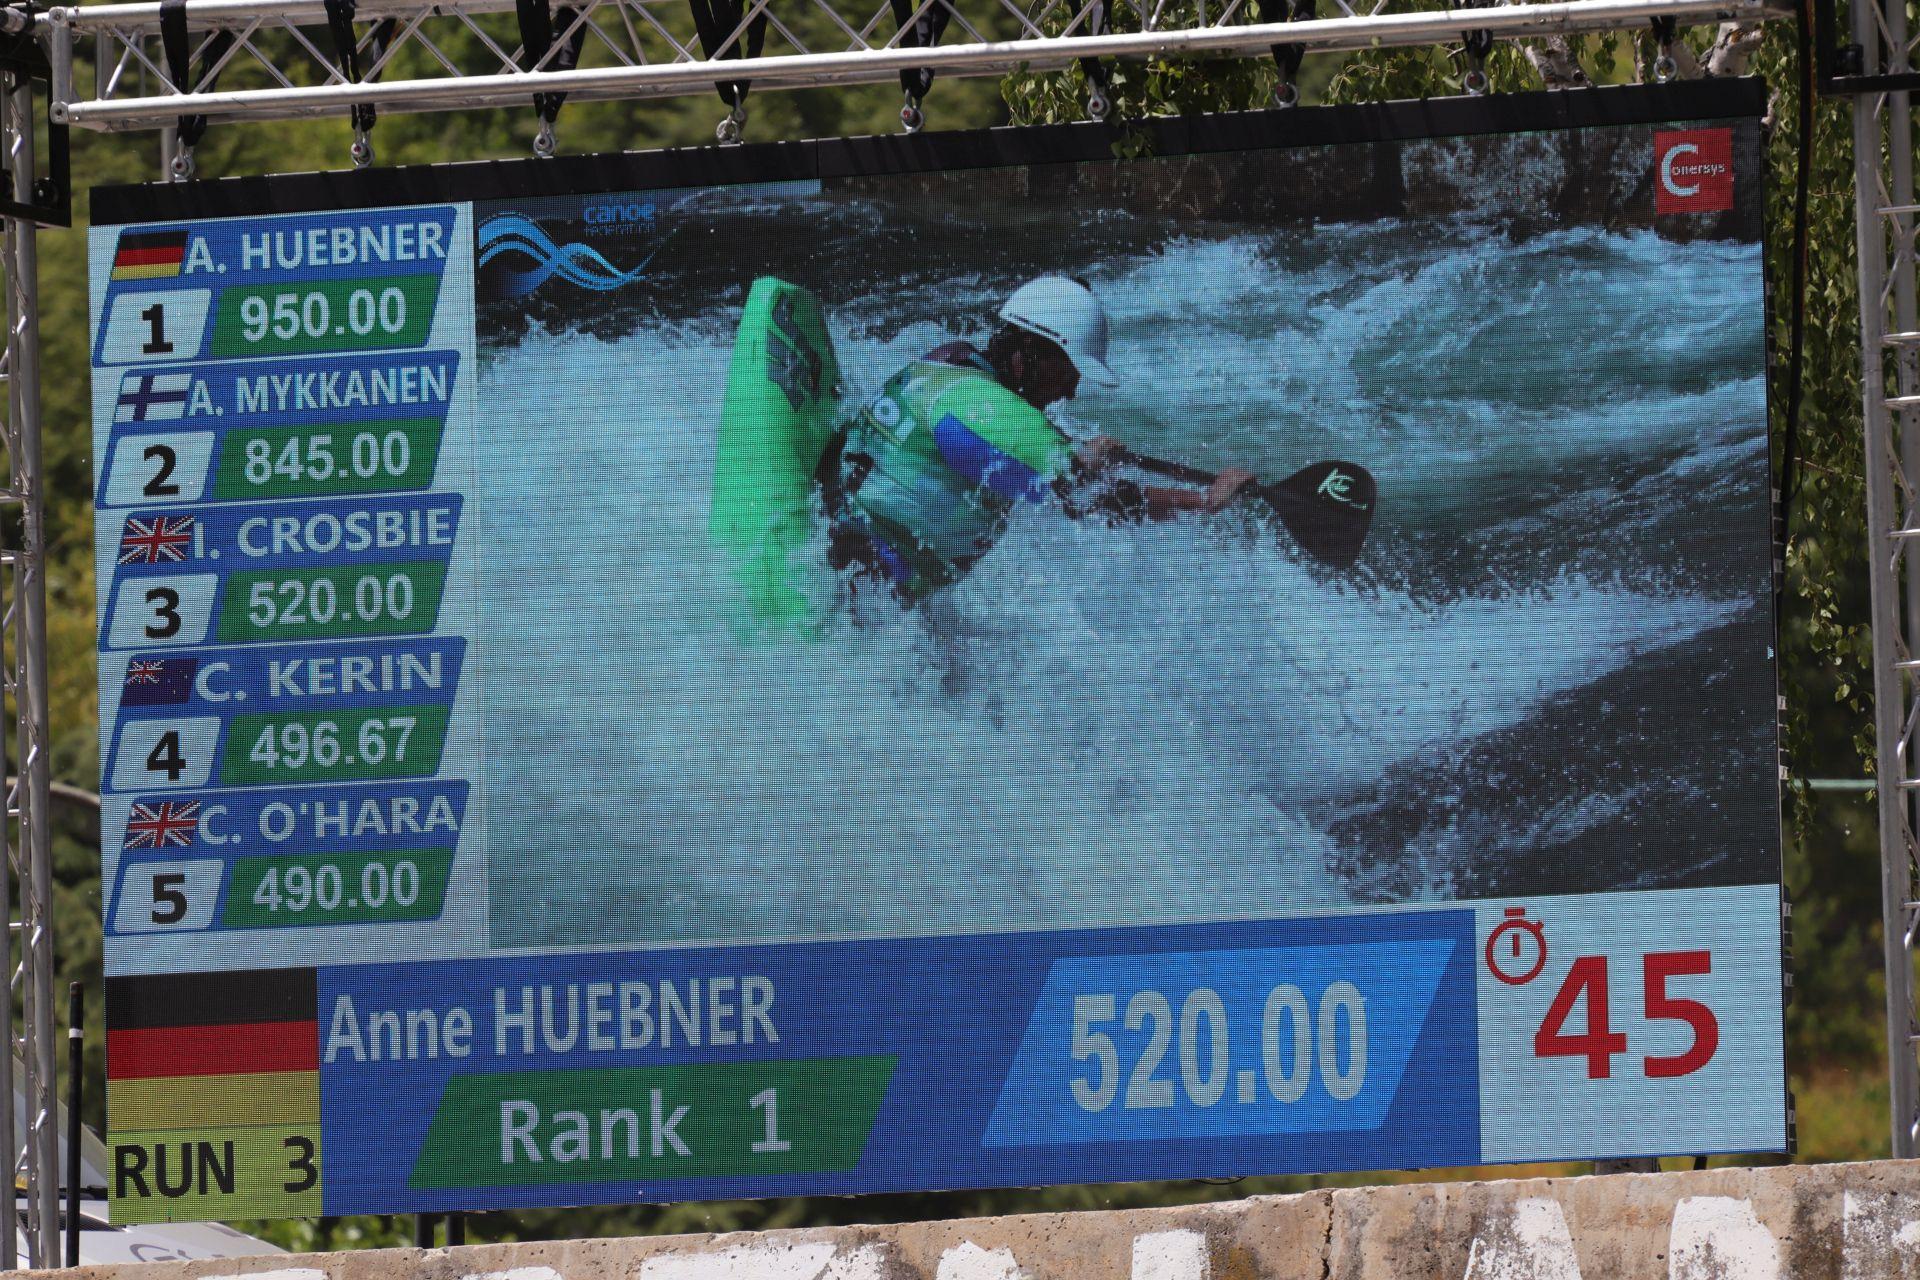 Sicher im Halbfinale angekommen! Foto: Rüdiger Hauser